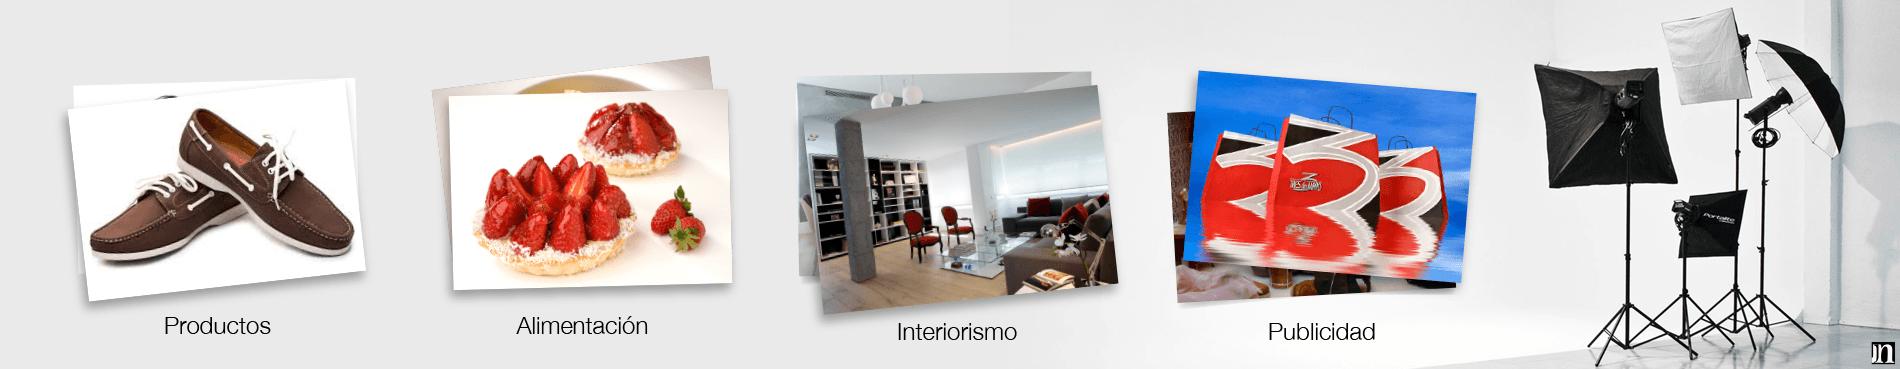 Slider_foto-empresa-2